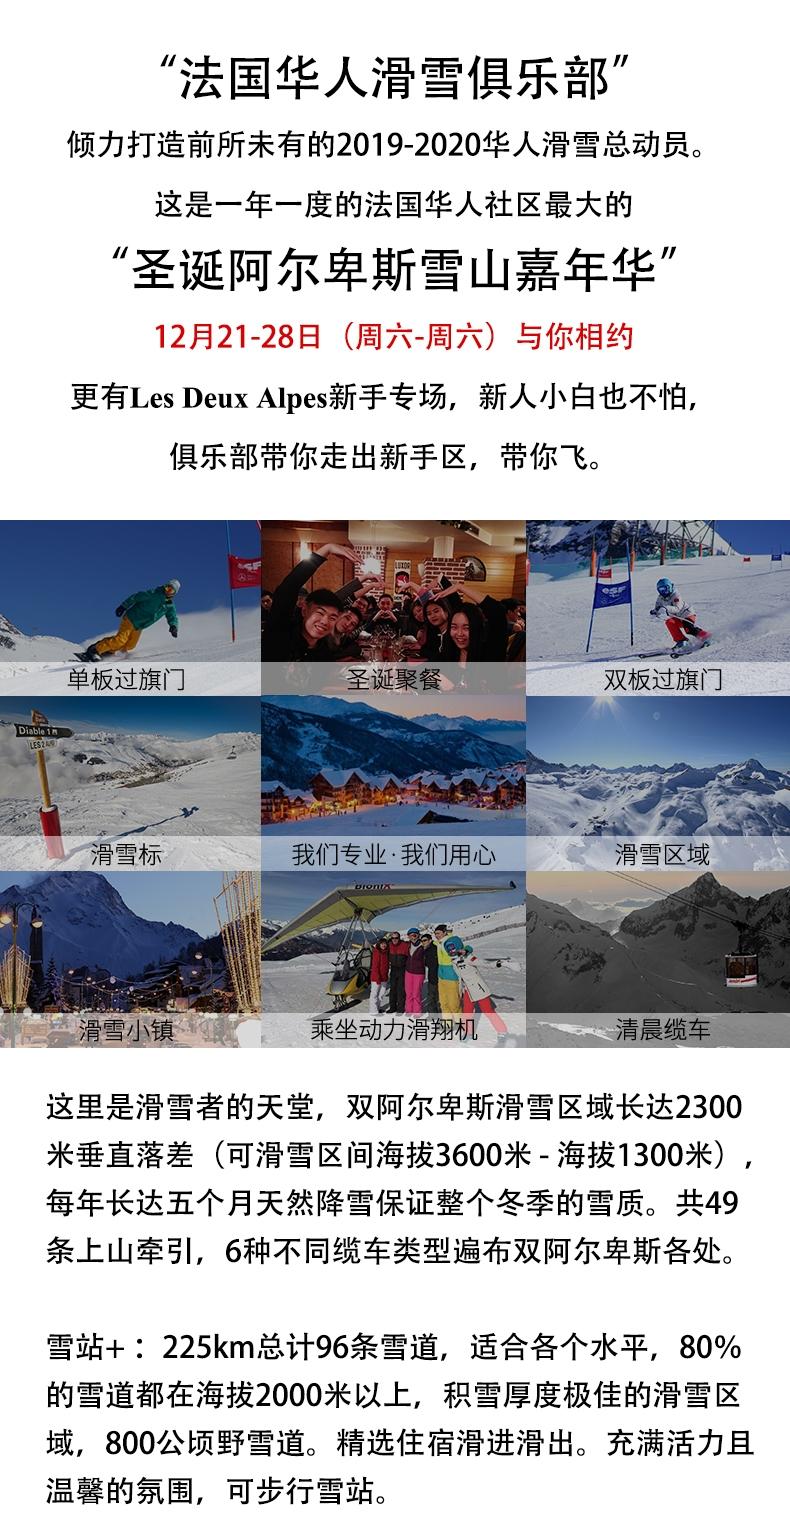 Les-Deux-Alpes19_20圣诞俱乐部_02.jpg